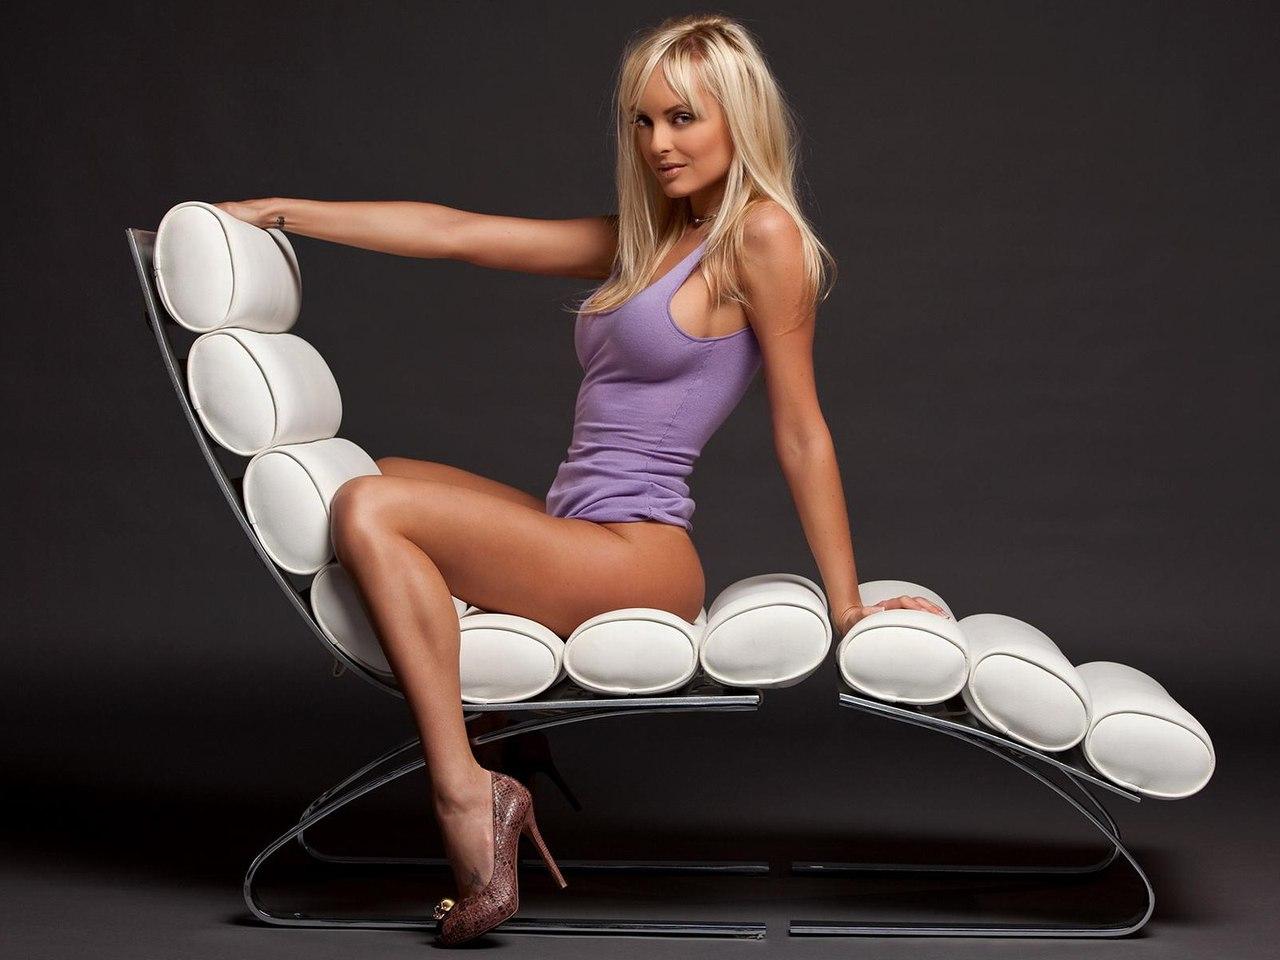 Секси женщина на стуле фото смотреть 12 фотография